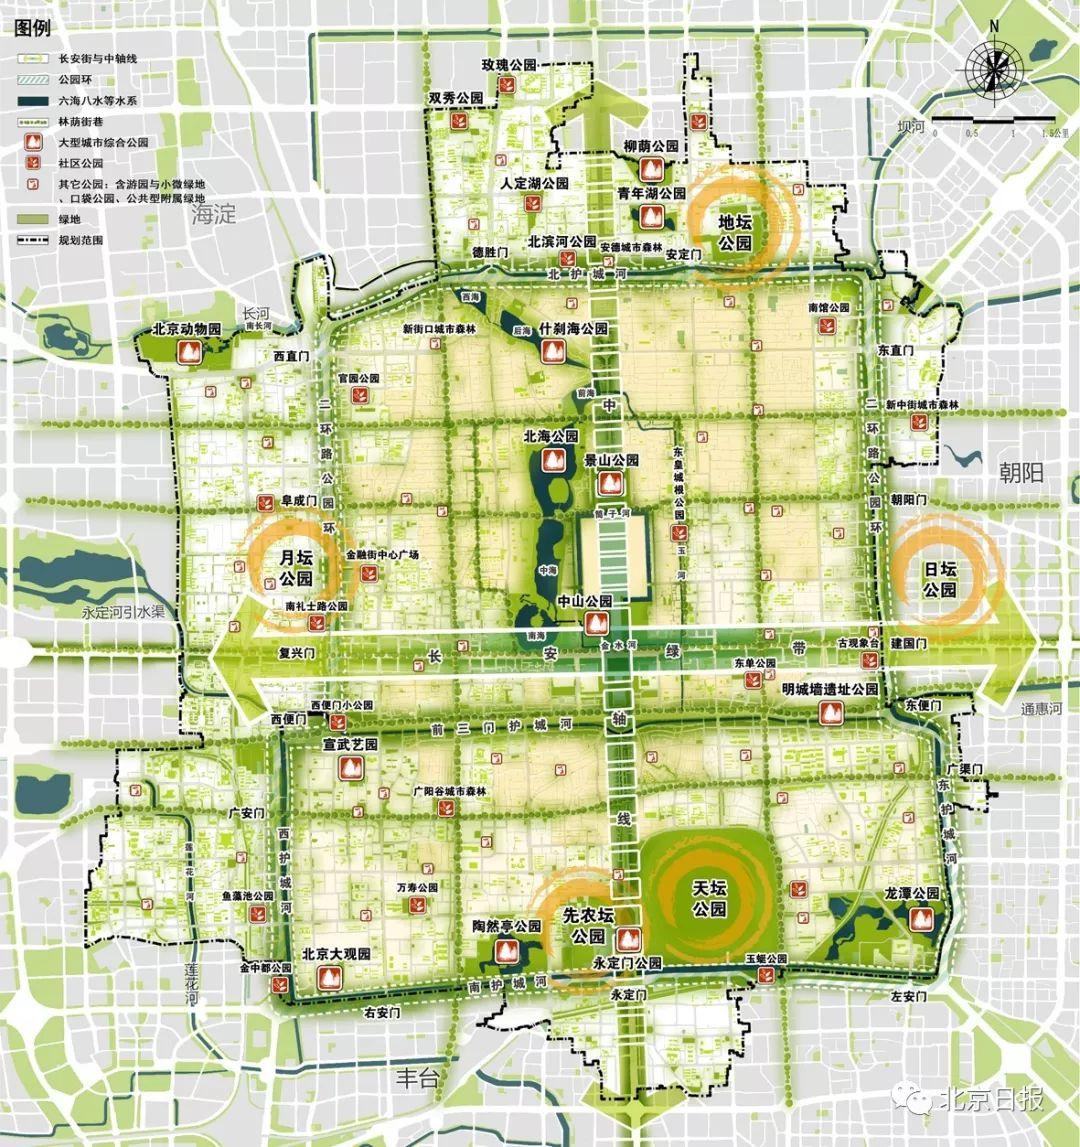 图2 蓝绿空间结构规划图。